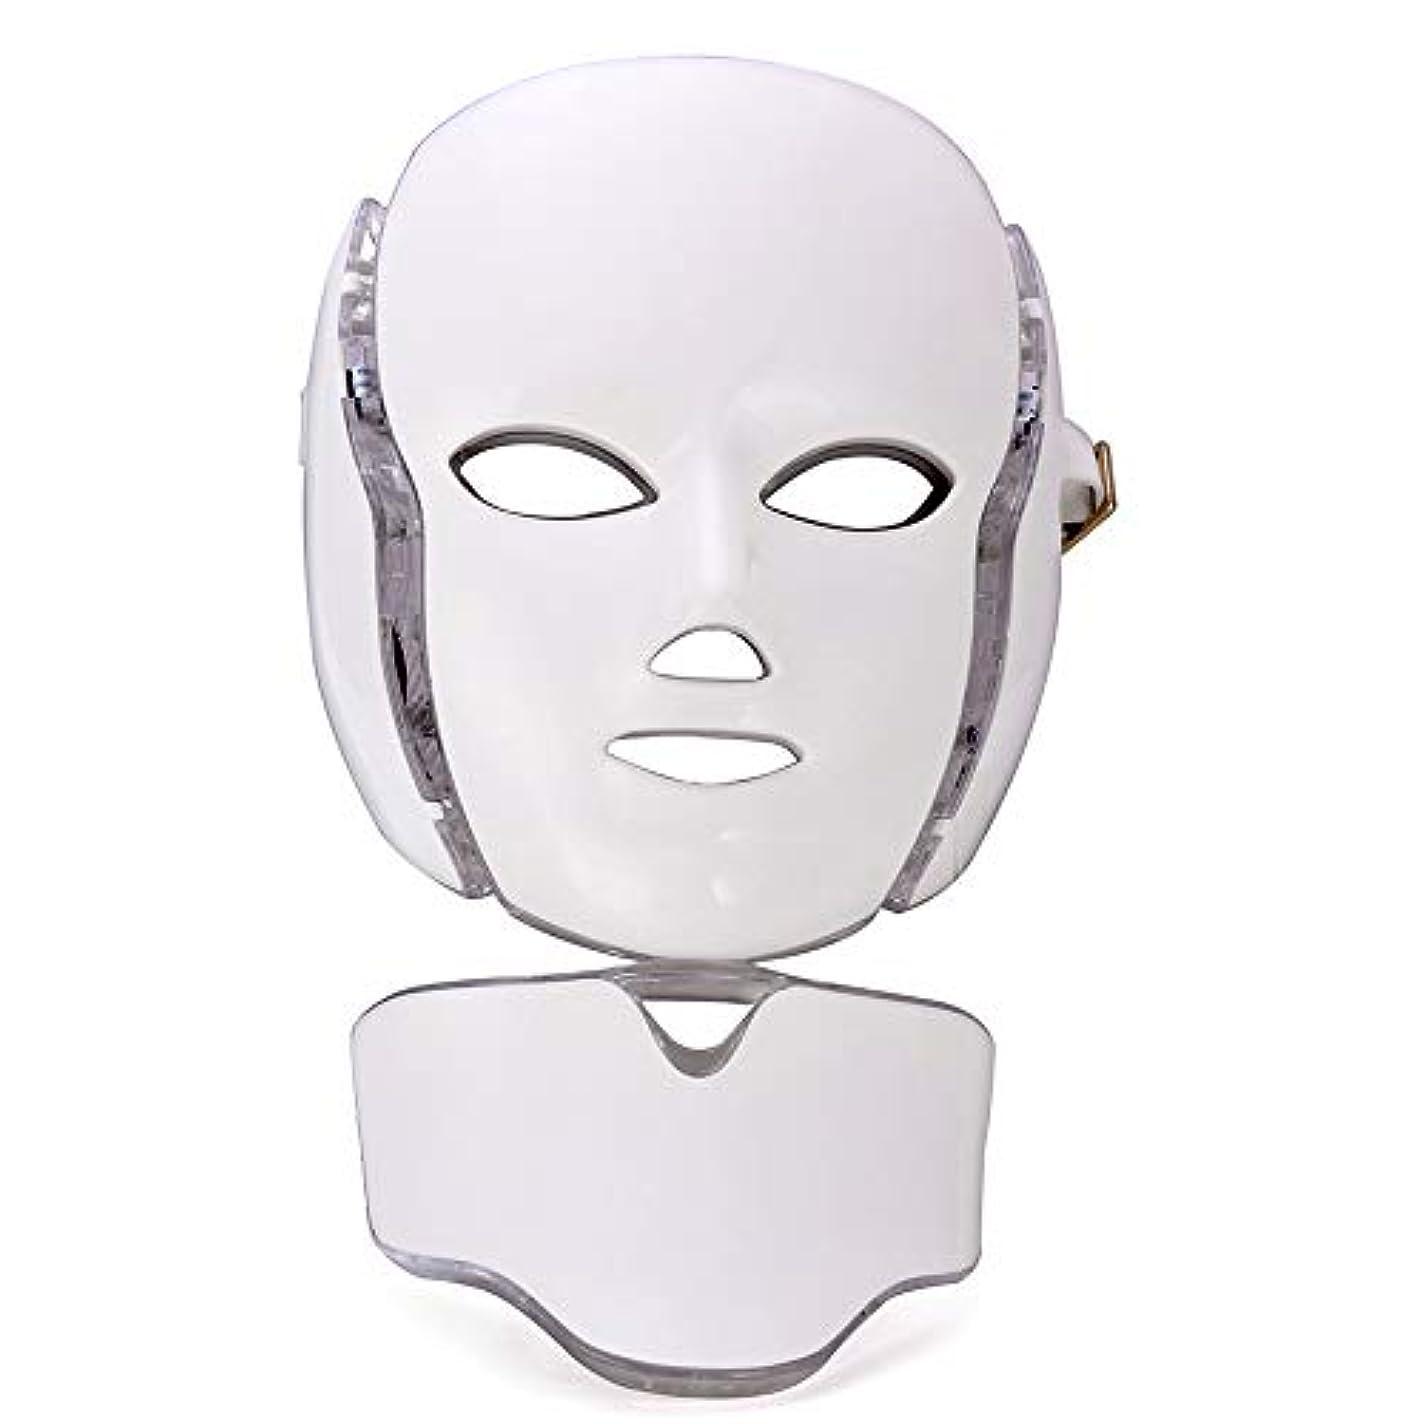 害虫センブランスベッドを作るLED フェイスマスク、顔の美しさスキンケアマスク光子療法のための皮膚若返り抗老化しわにきび健康肌若返りコラーゲン